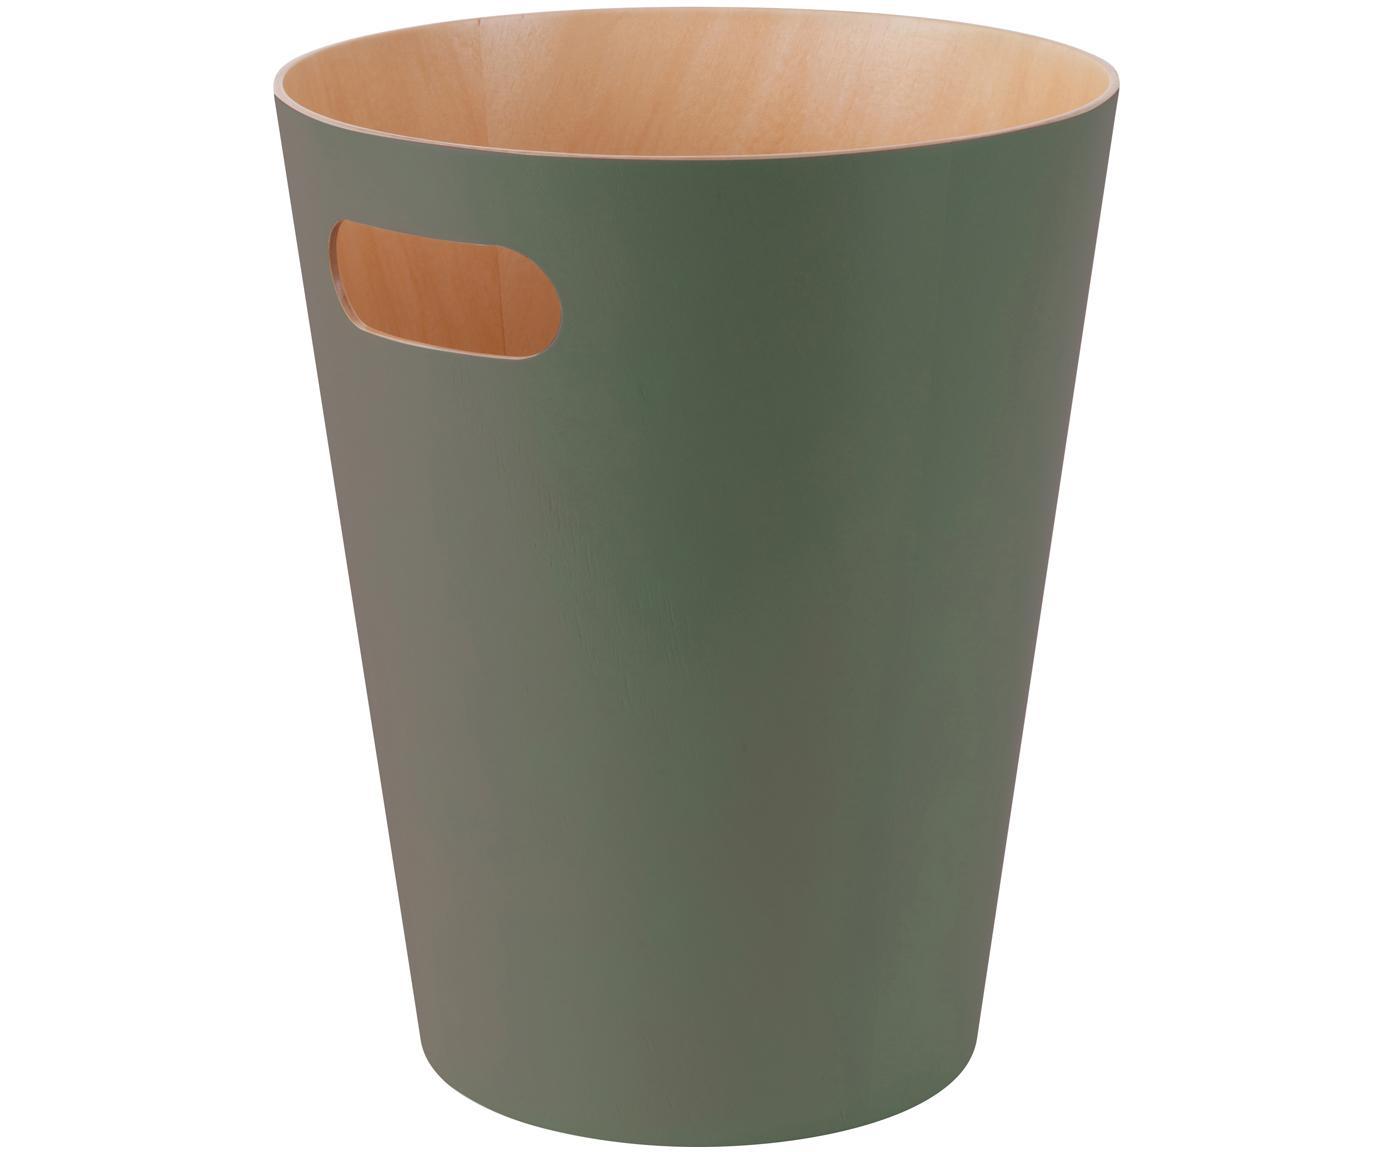 Kosz na śmieci Woodrow Can, Drewno lakierowane, Oliwkowy zielony, Ø 23 x W 28 cm